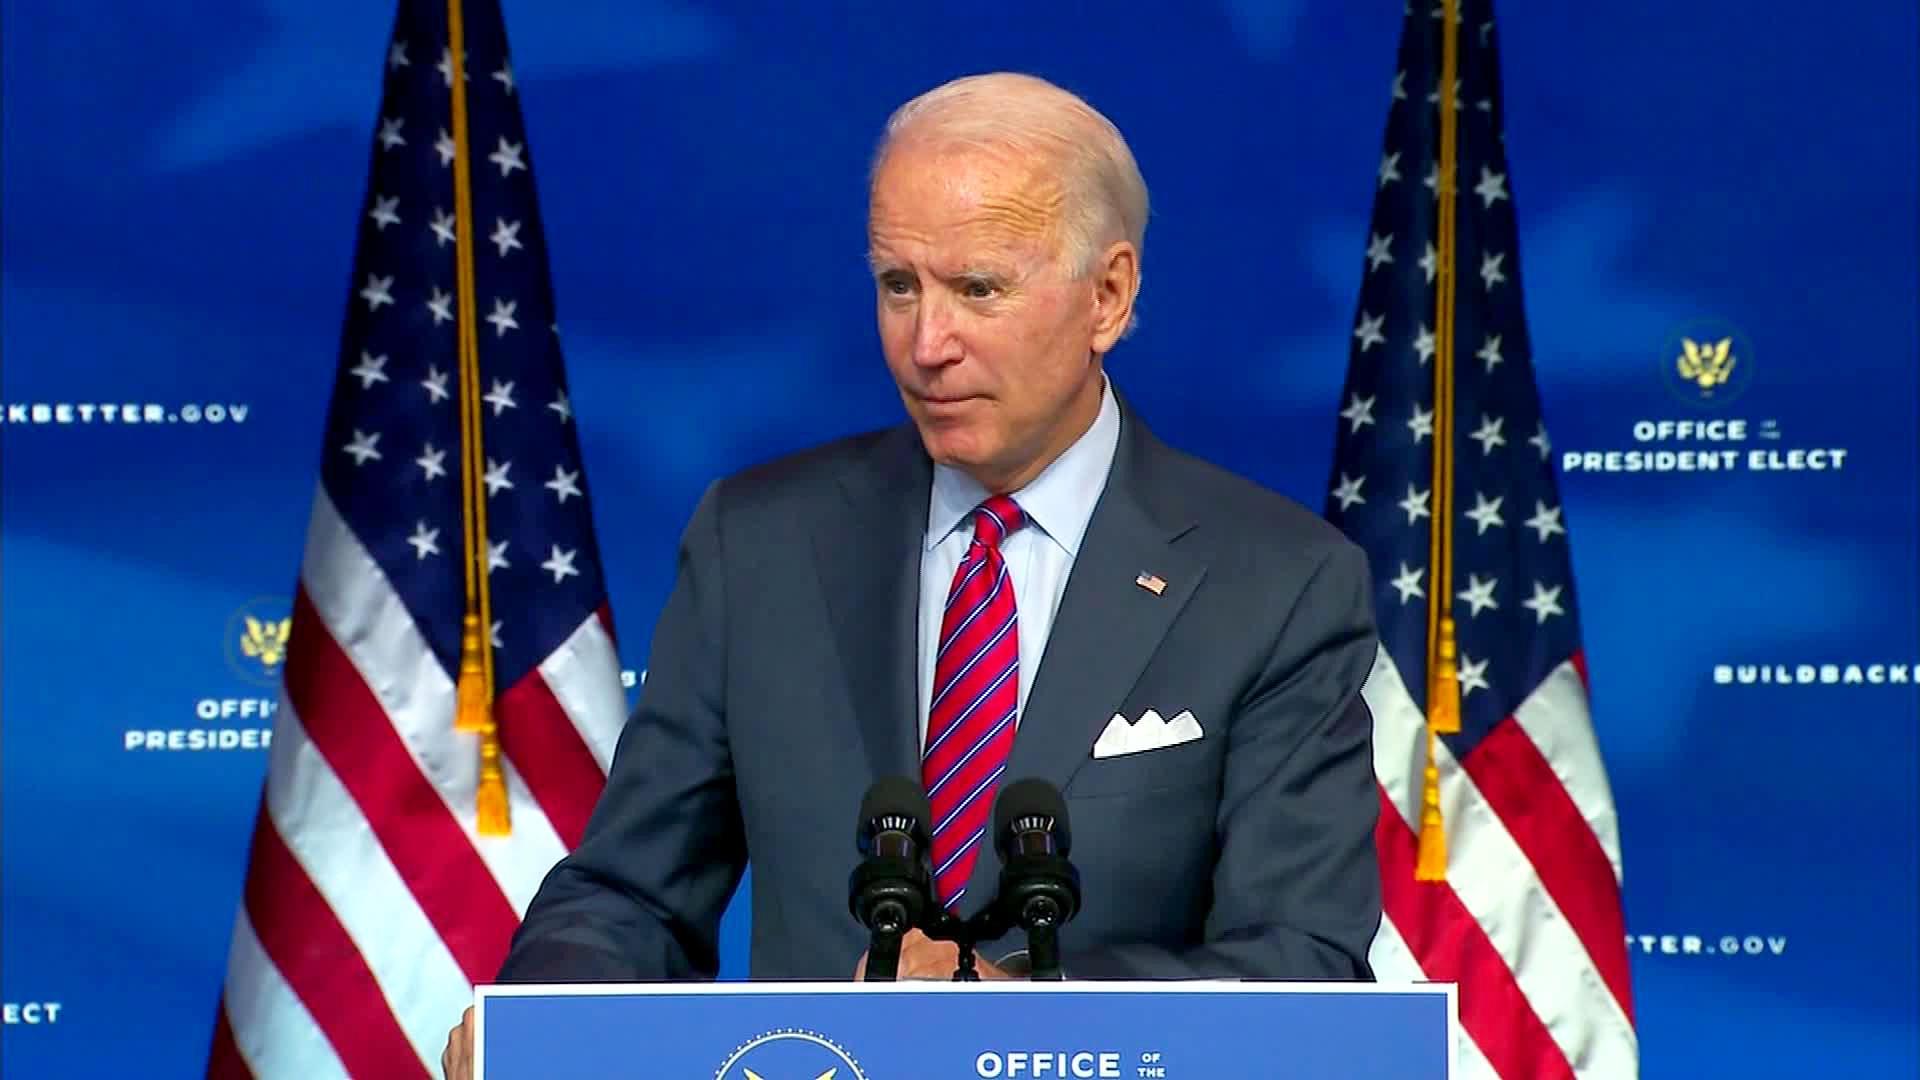 WBAP Morning News: Biden's First Day